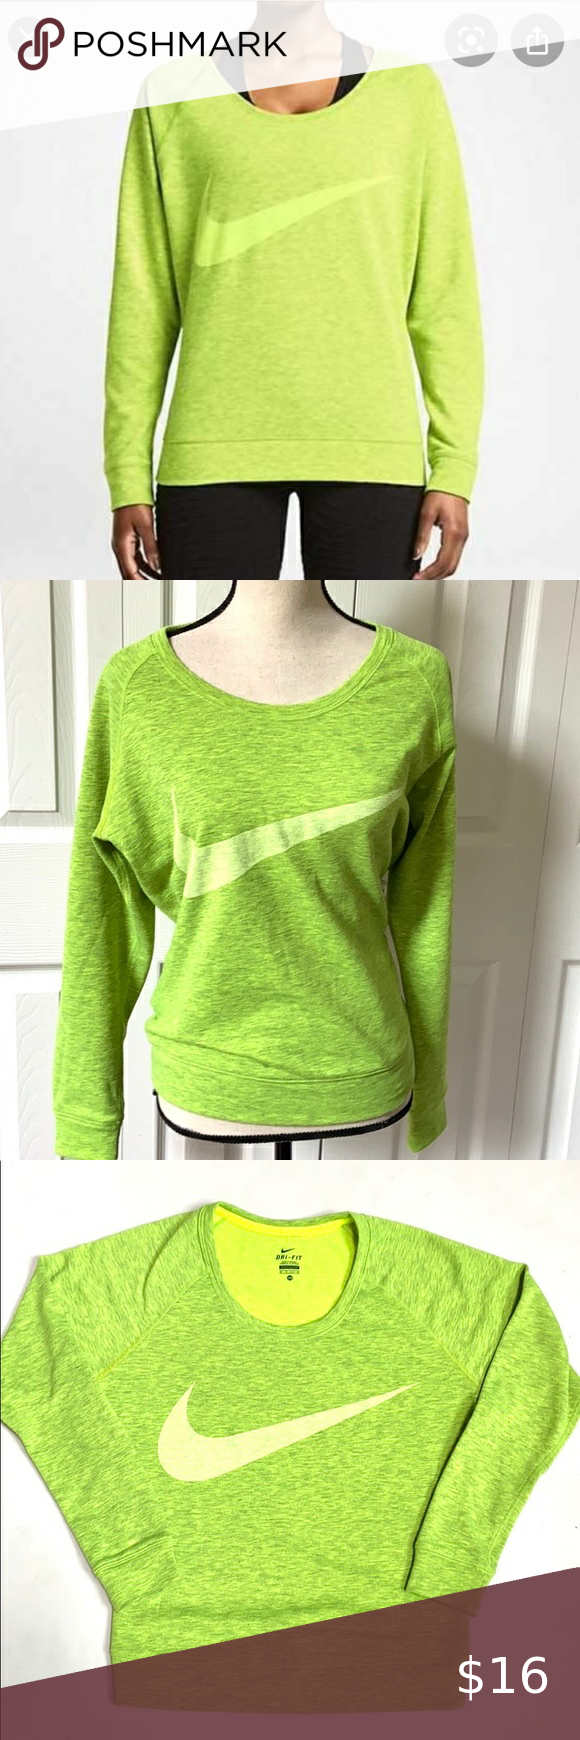 Nike Dri Fit Epic Obsessed Sweatshirt Crewneck Sweatshirt Women Nike Crewneck Sweatshirt Sweatshirts [ 1740 x 580 Pixel ]